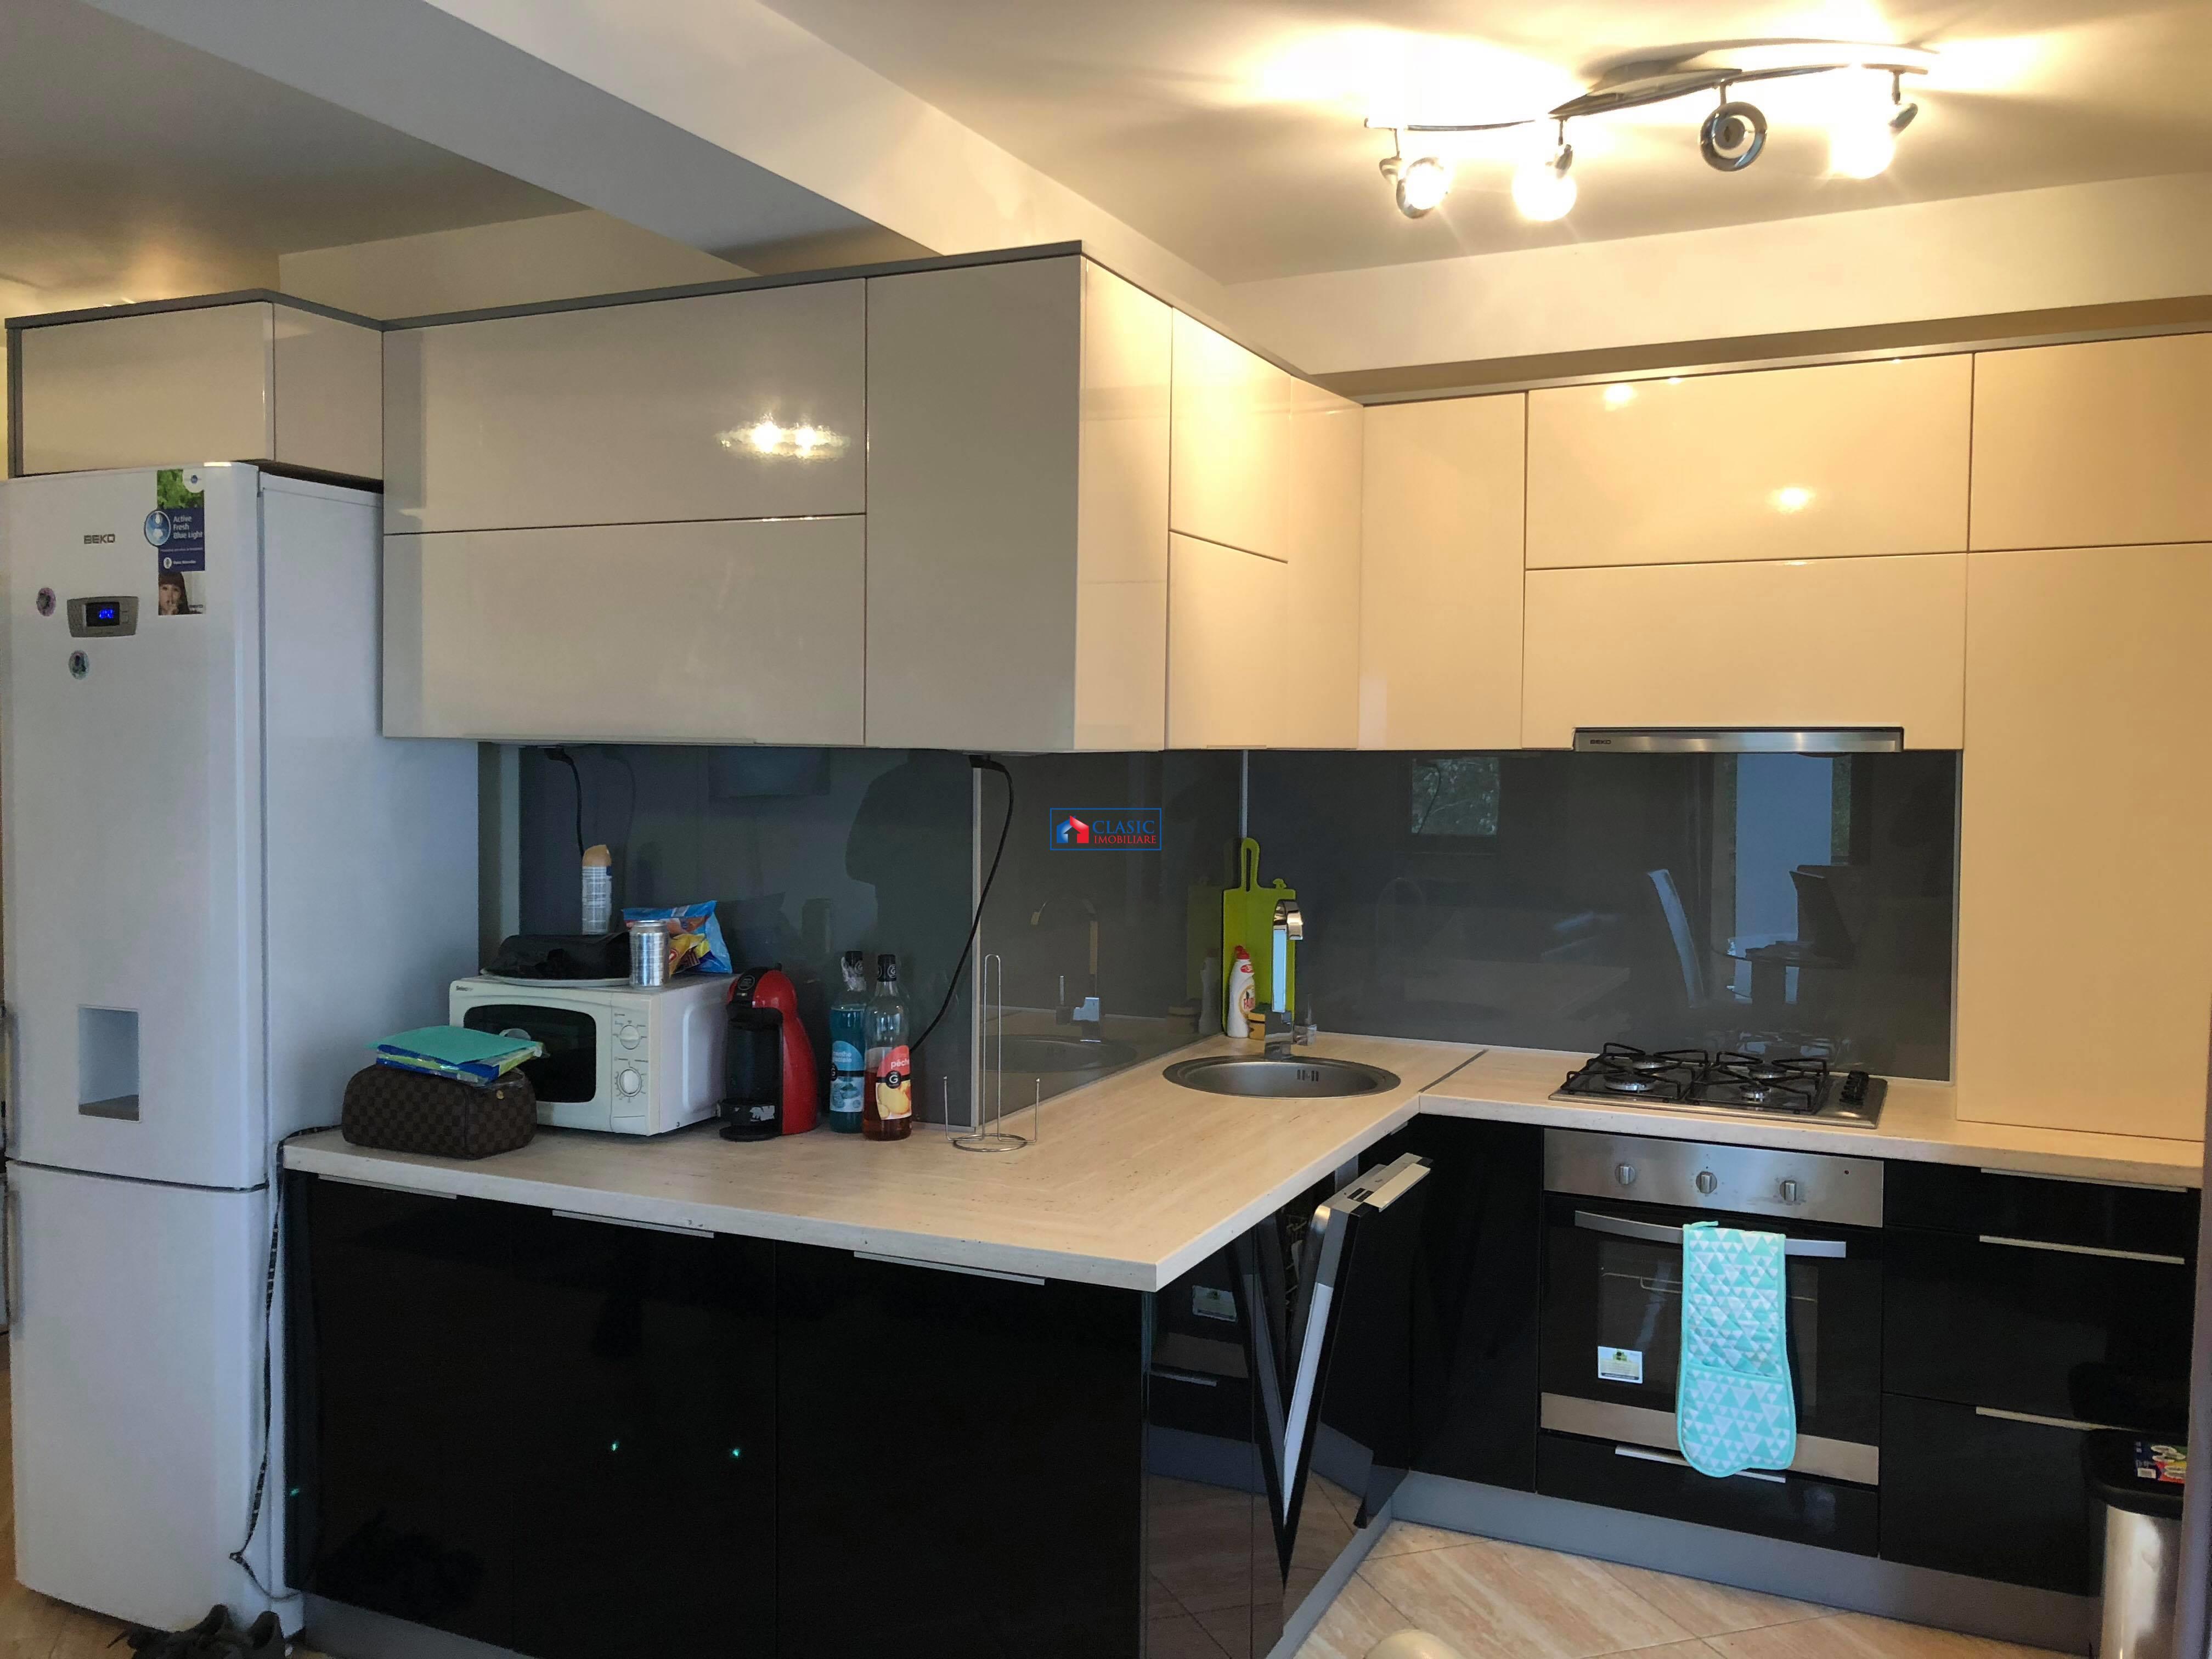 Vanzare Apartament 3 camere de LUX in Zorilor UMF, Cluj Napoca